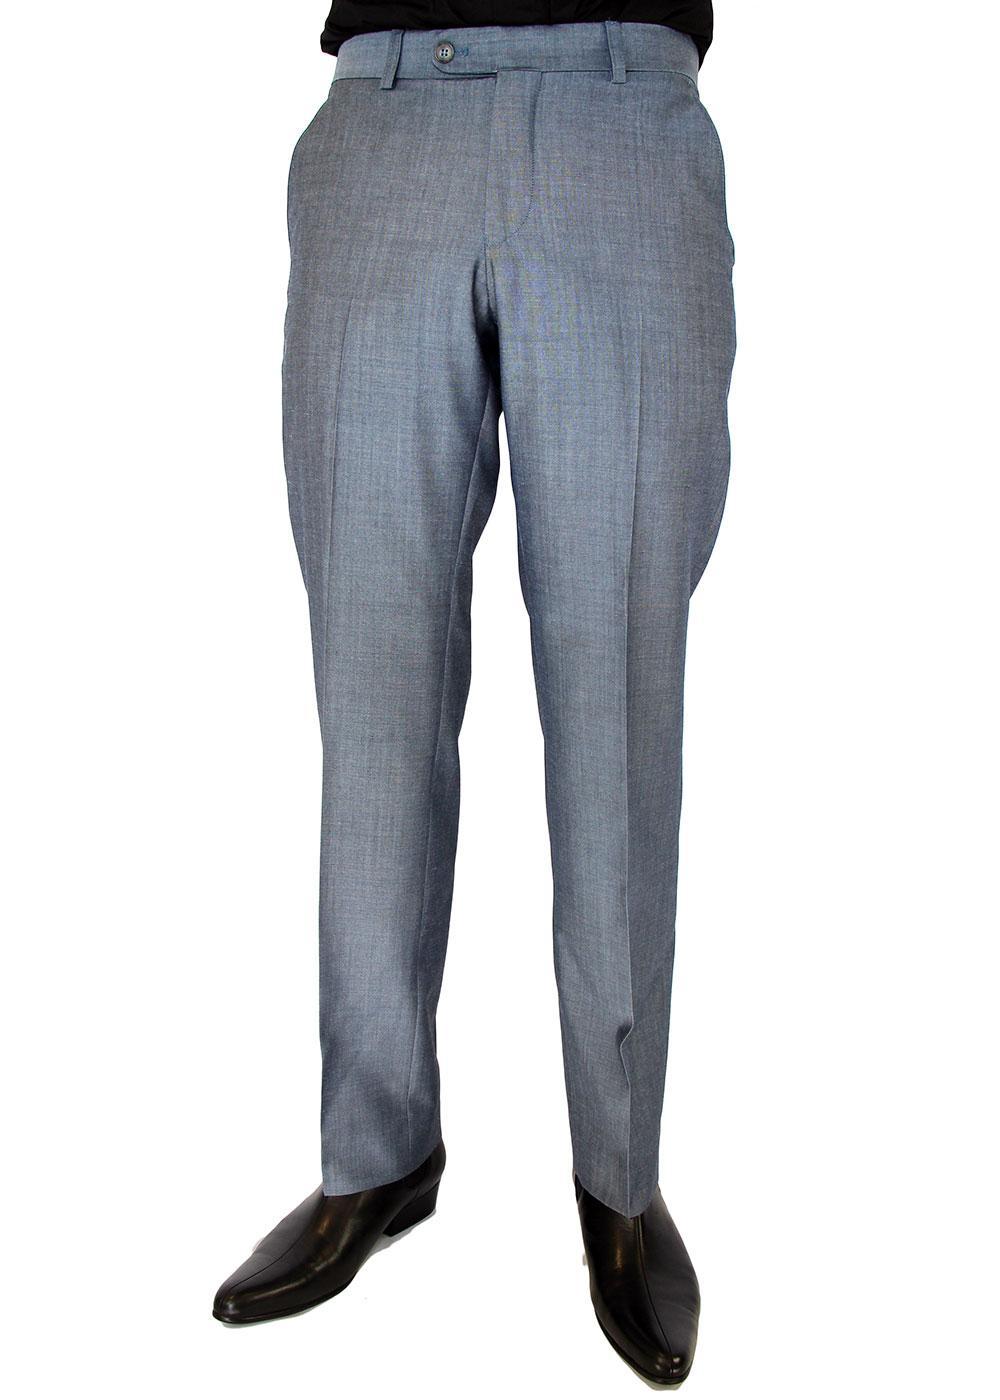 Retro 60s Mod Mohair Blend Slim Suit Trousers (LB)